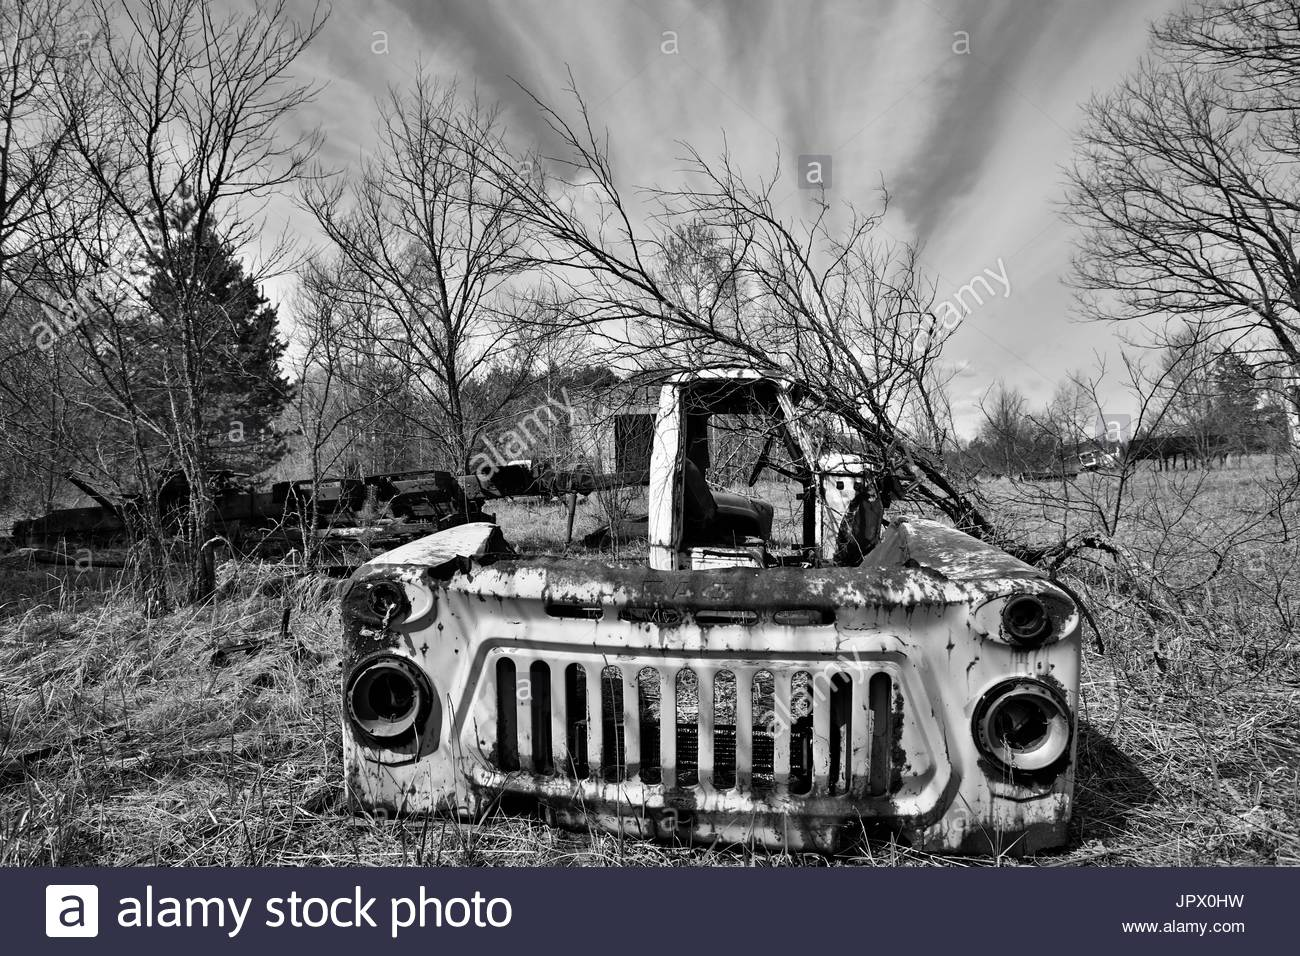 Abandoned vehicle - Chernobyl area Ukraine - Stock Image